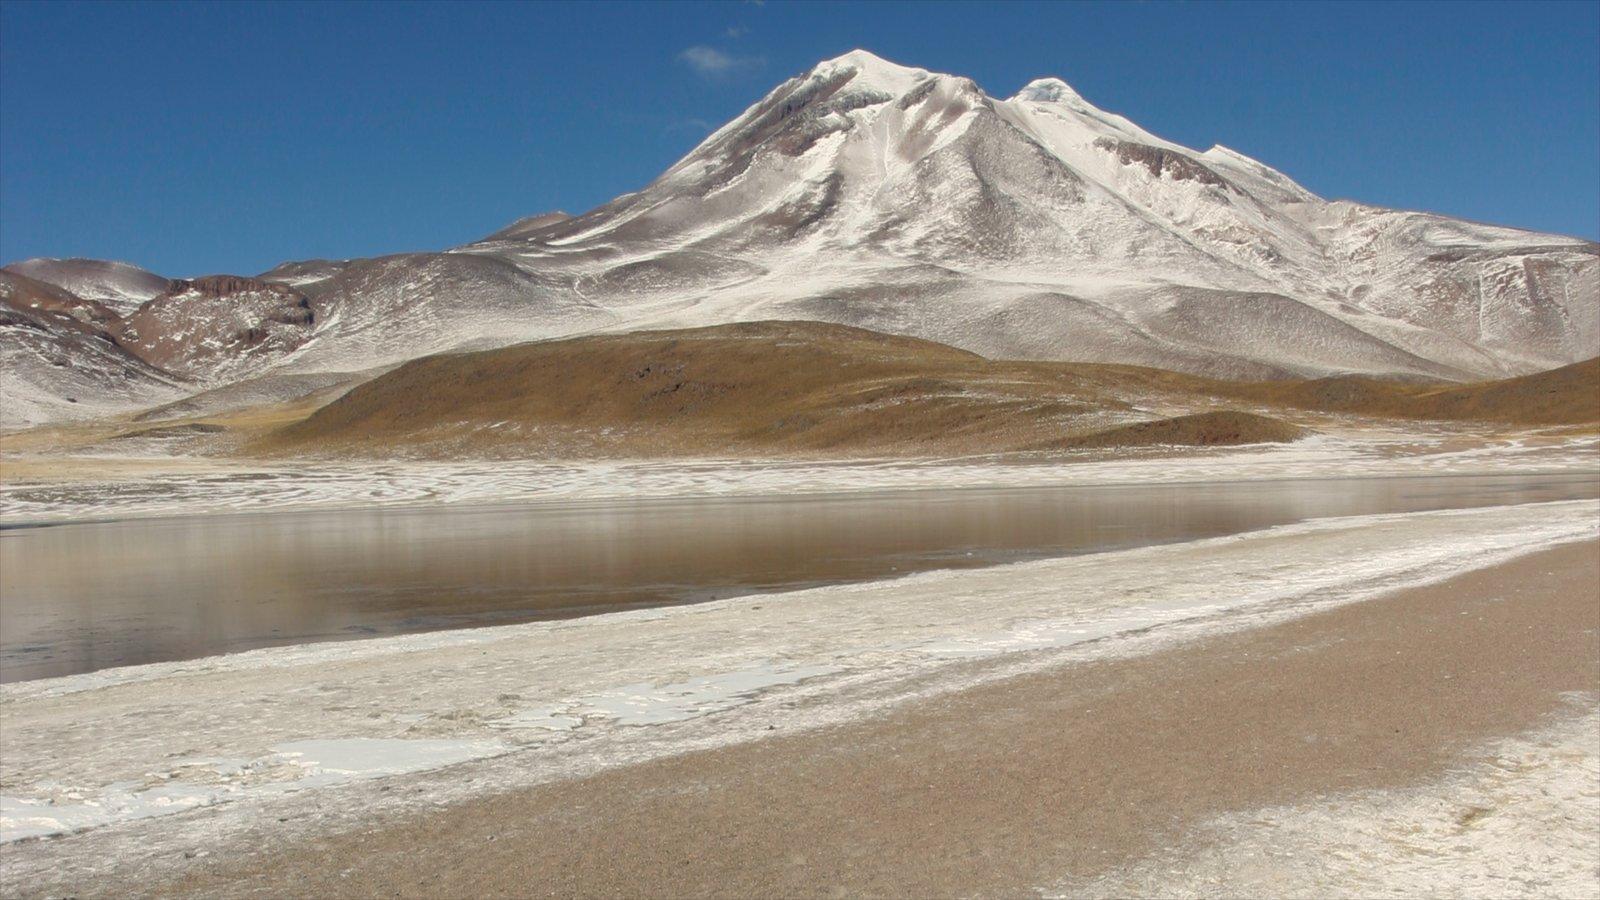 Chile mostrando neve e montanhas